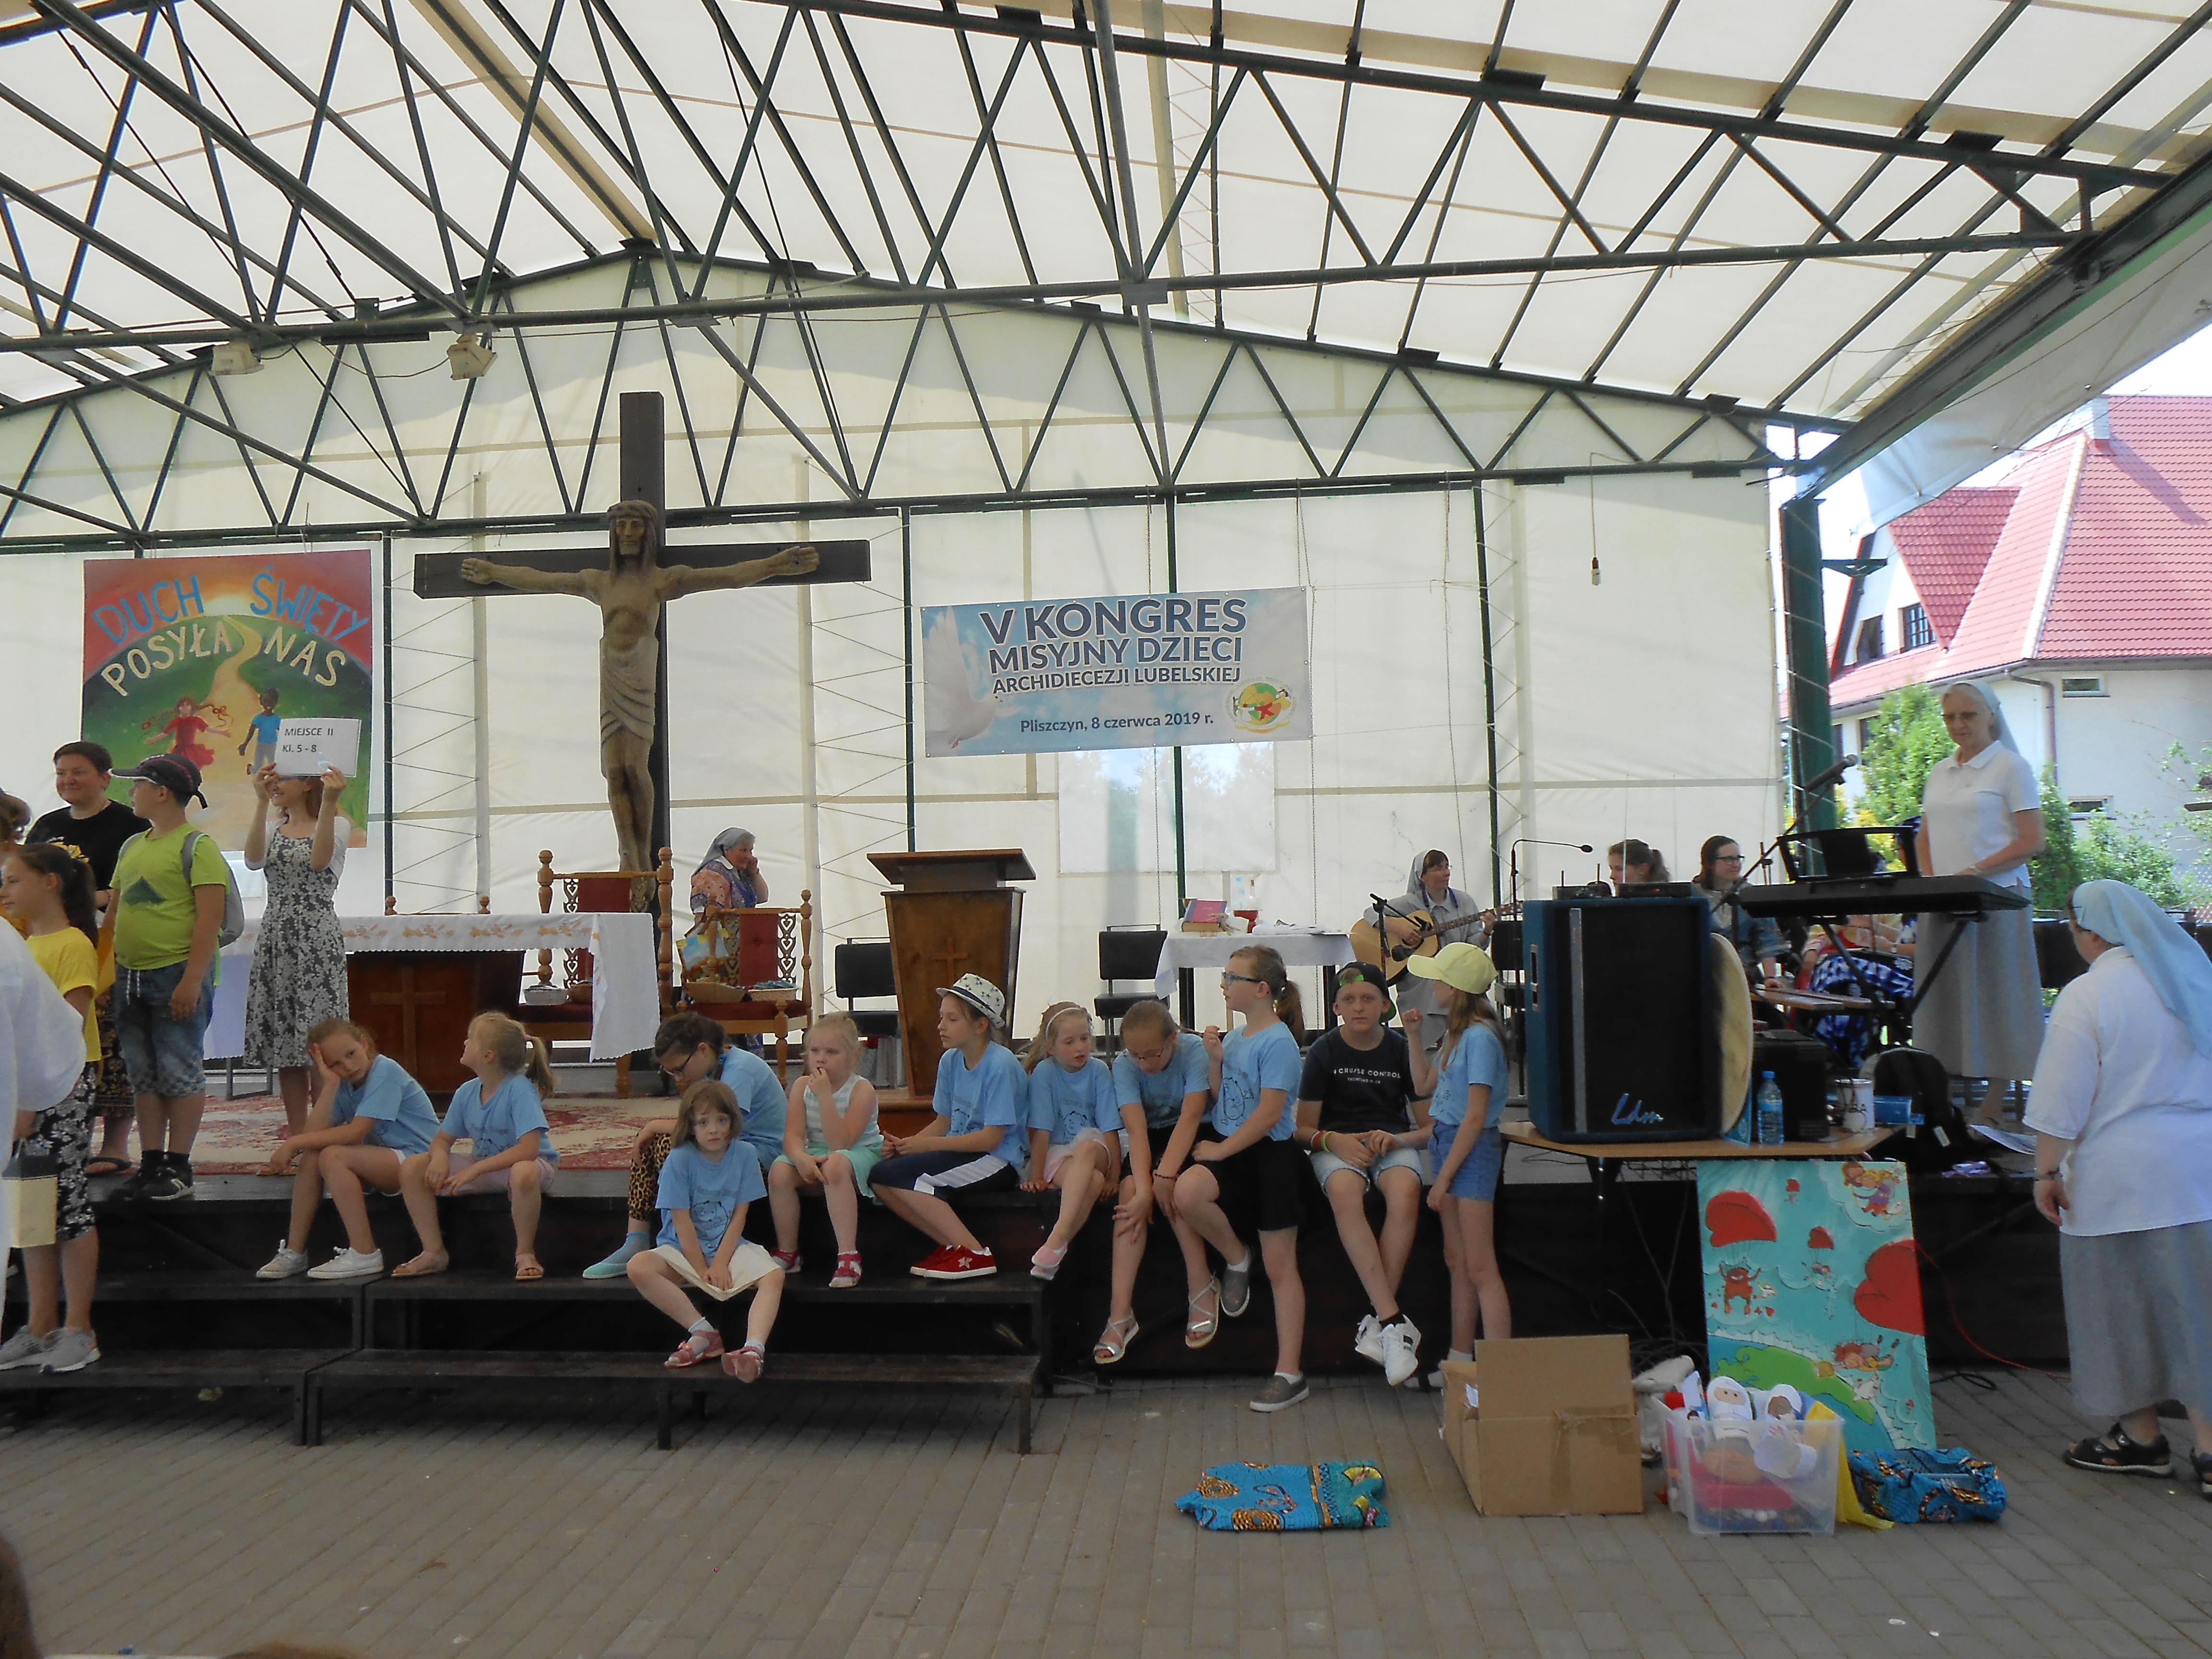 V Kongres Misyjny Dzieci Archidiecezji Lubelskiej